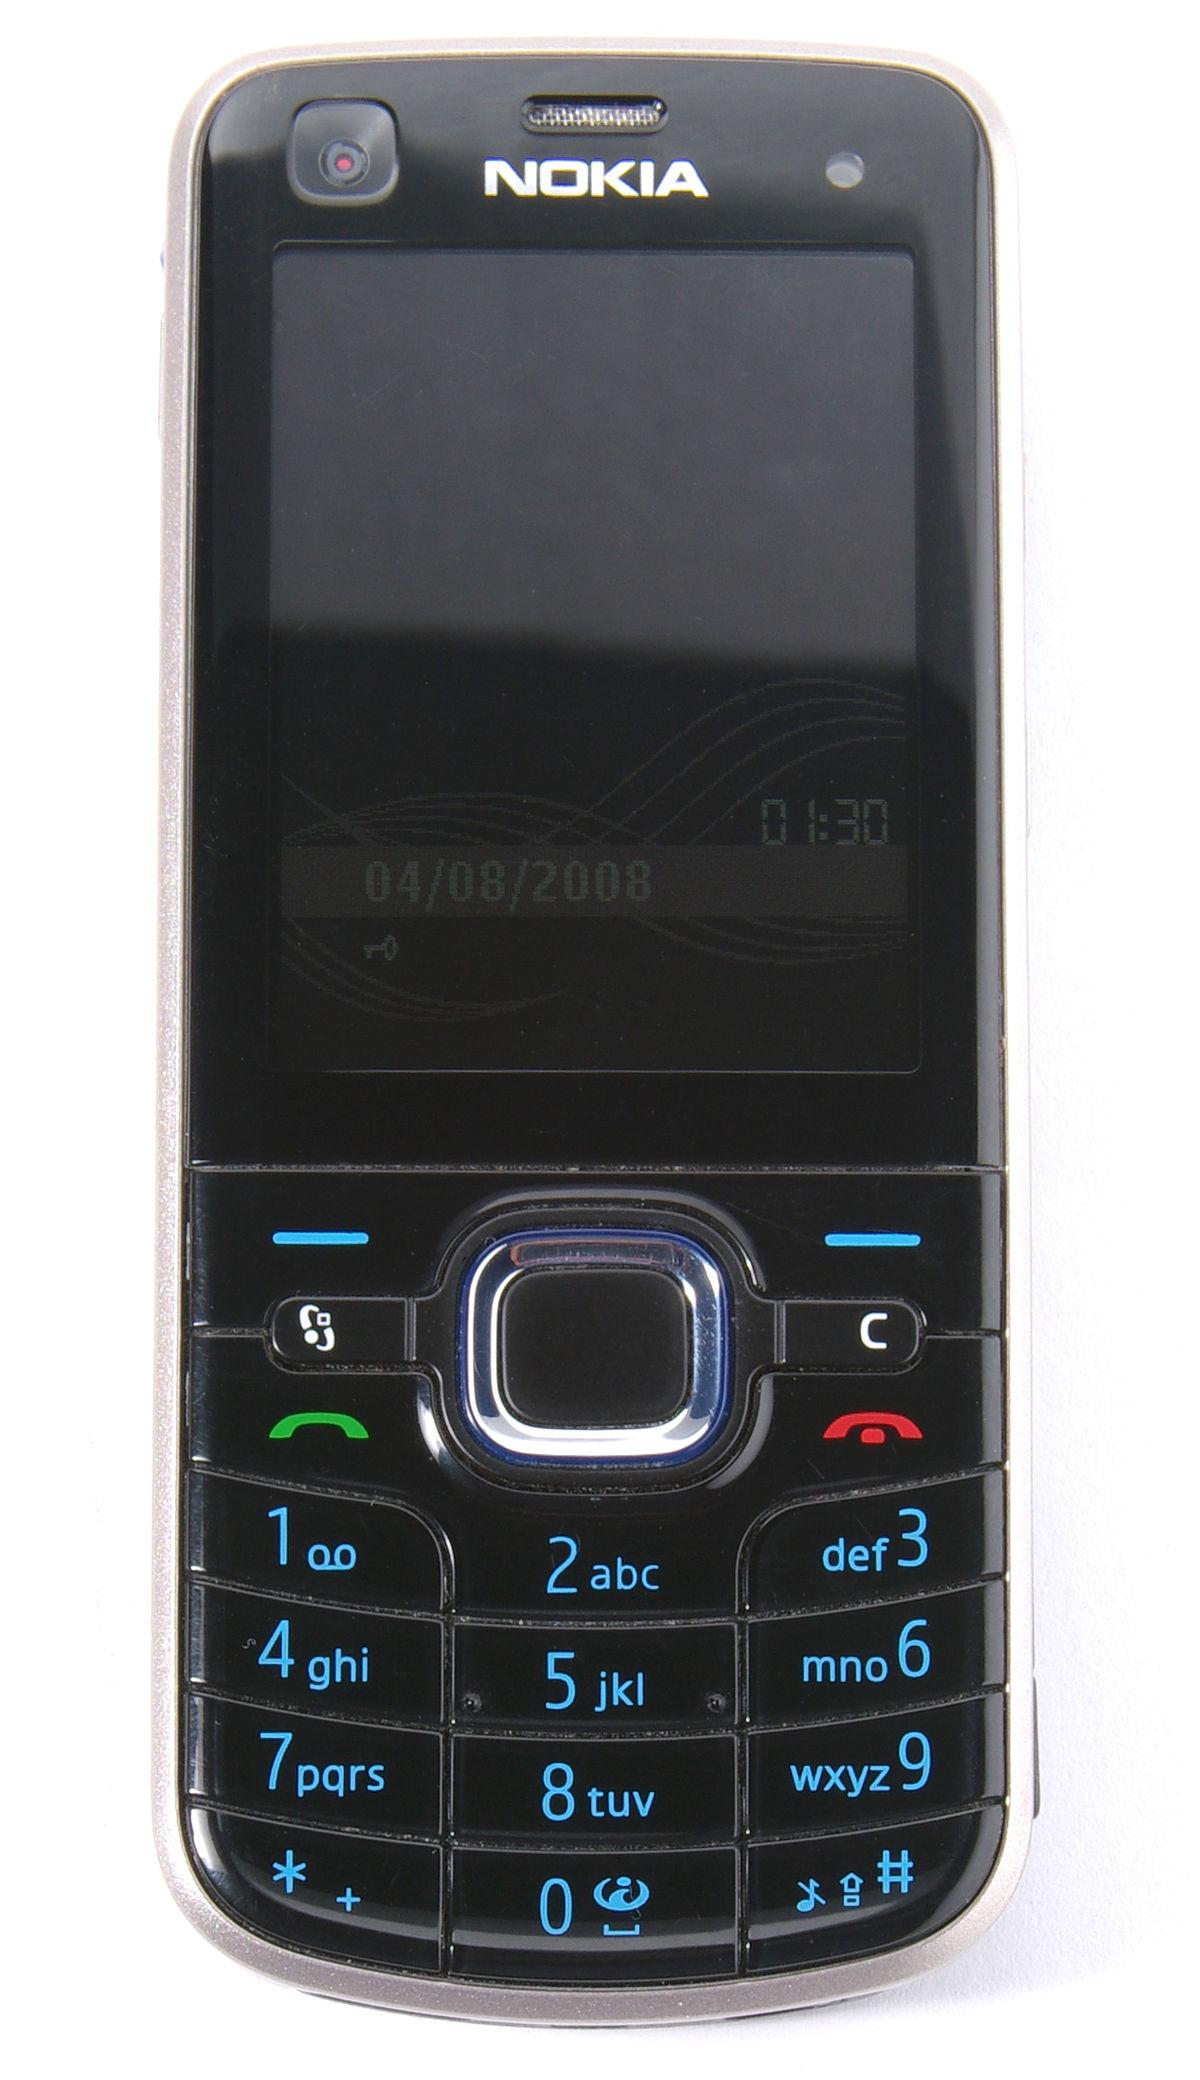 Nokia 6120 classic Specs